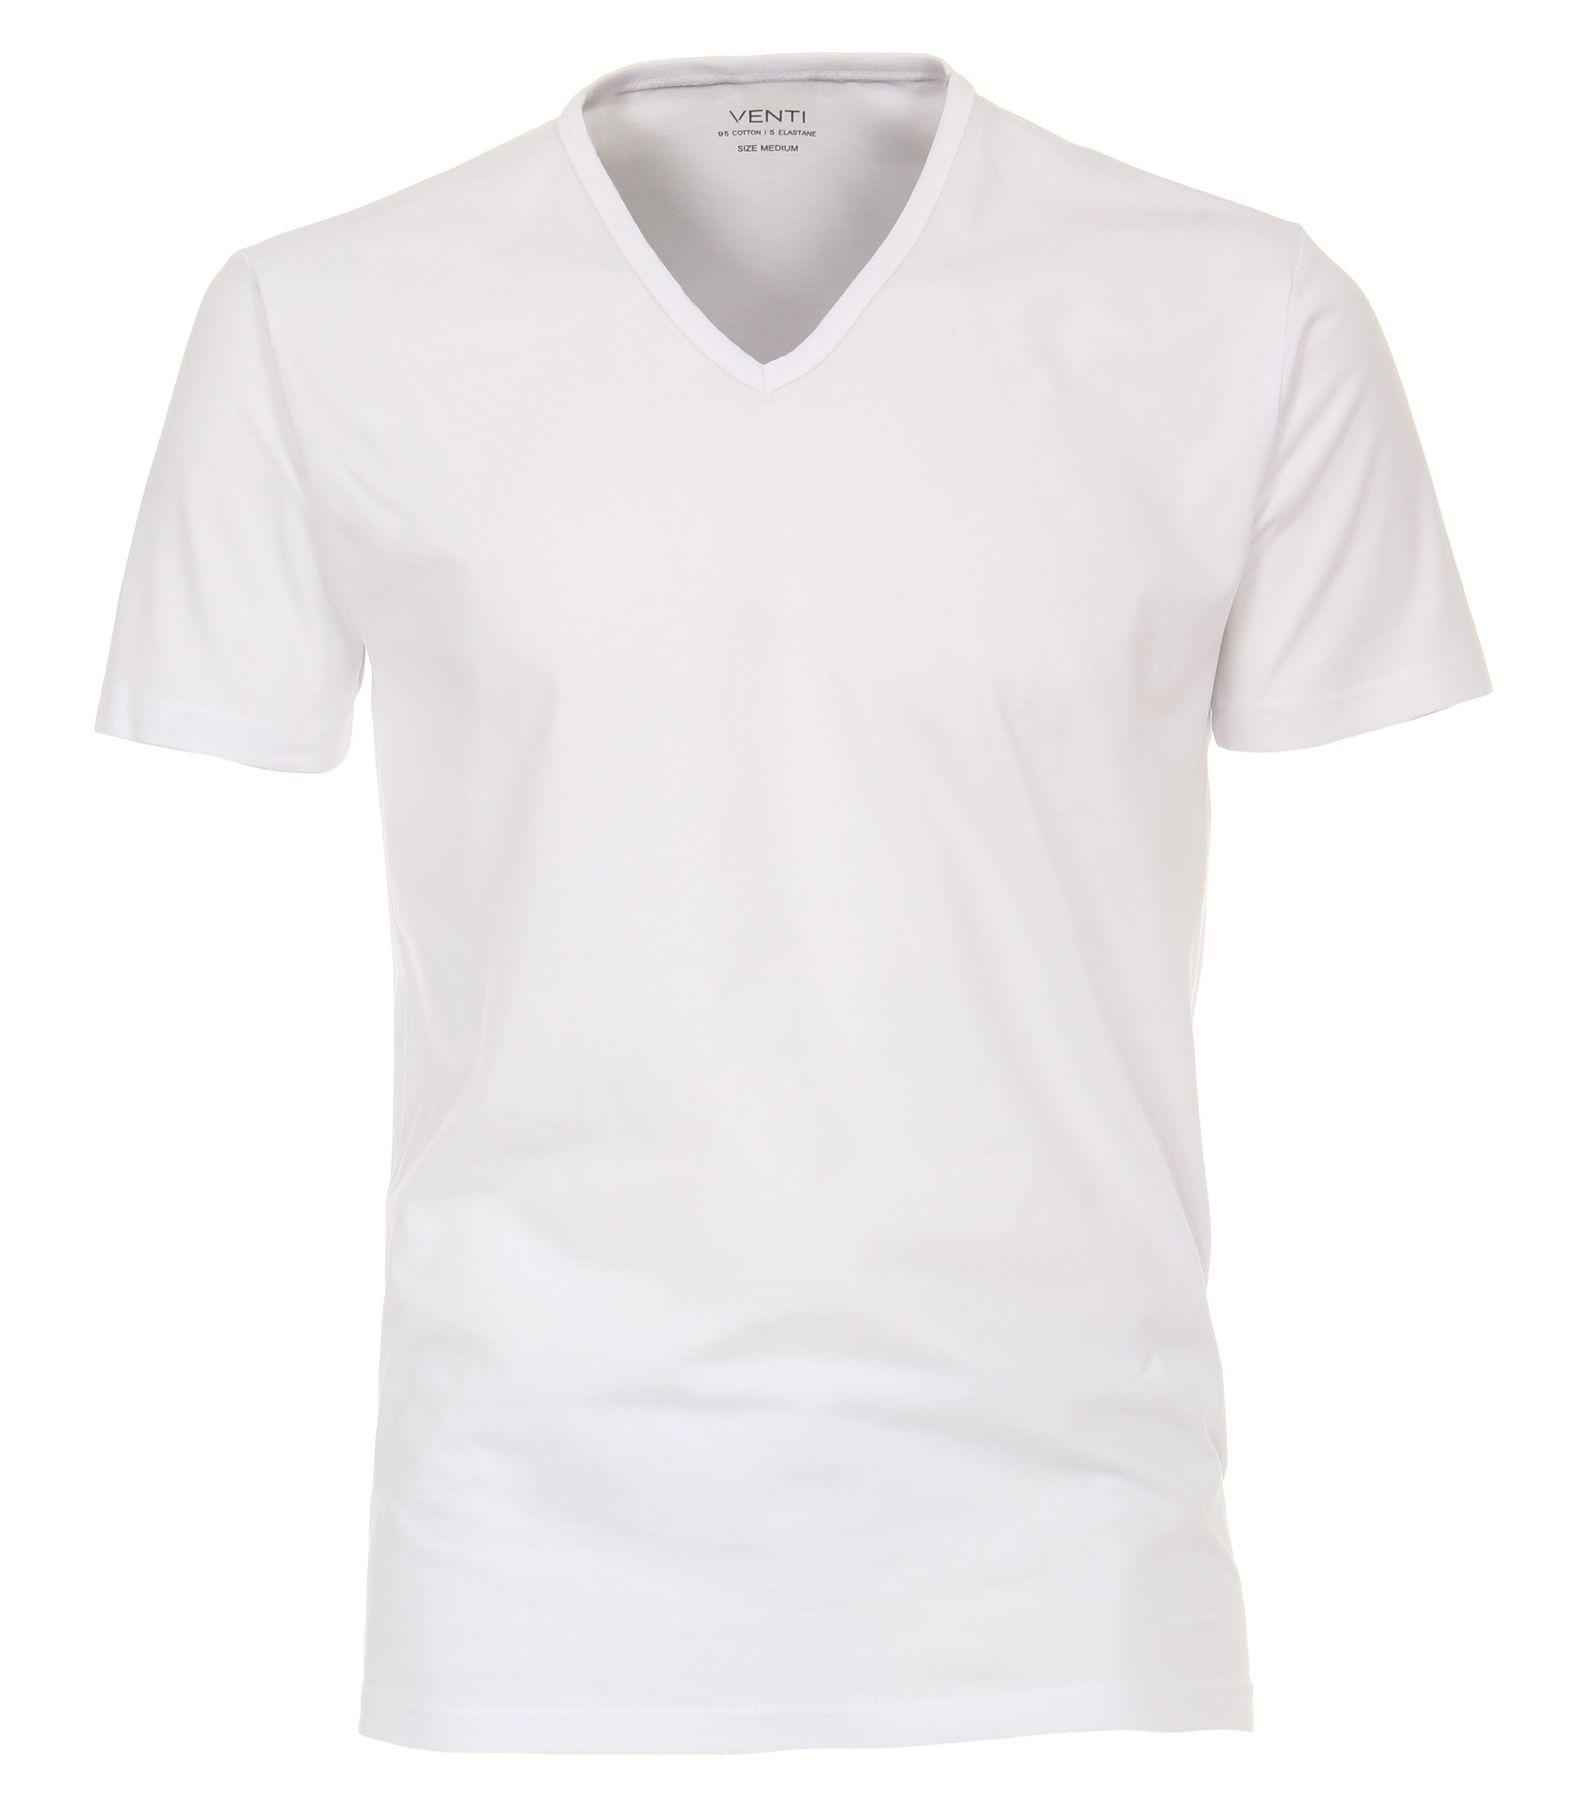 Venti - Herren T-Shirt mit V-Ausschnitt im 2er Pack, schwarz oder weiß, S-XXL (012600) – Bild 1